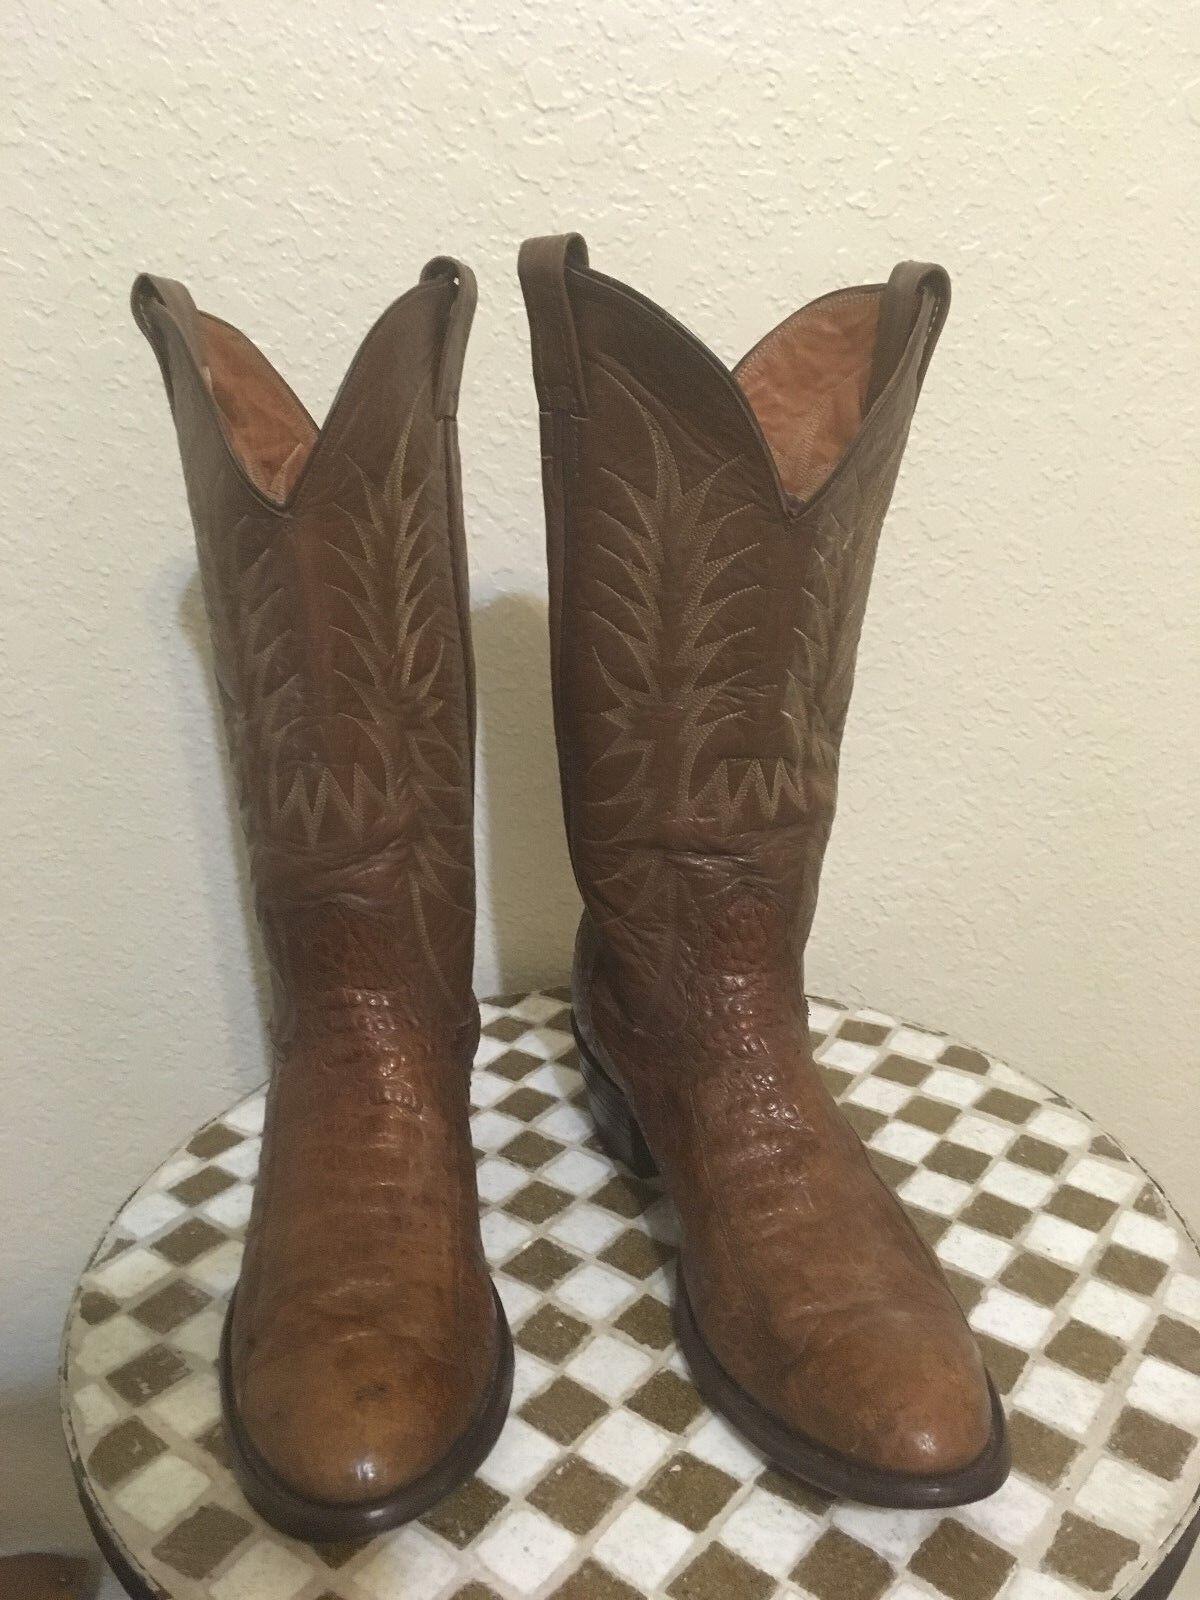 Marrón NOCONA Western Trail Boss botas de vaquero 11 D